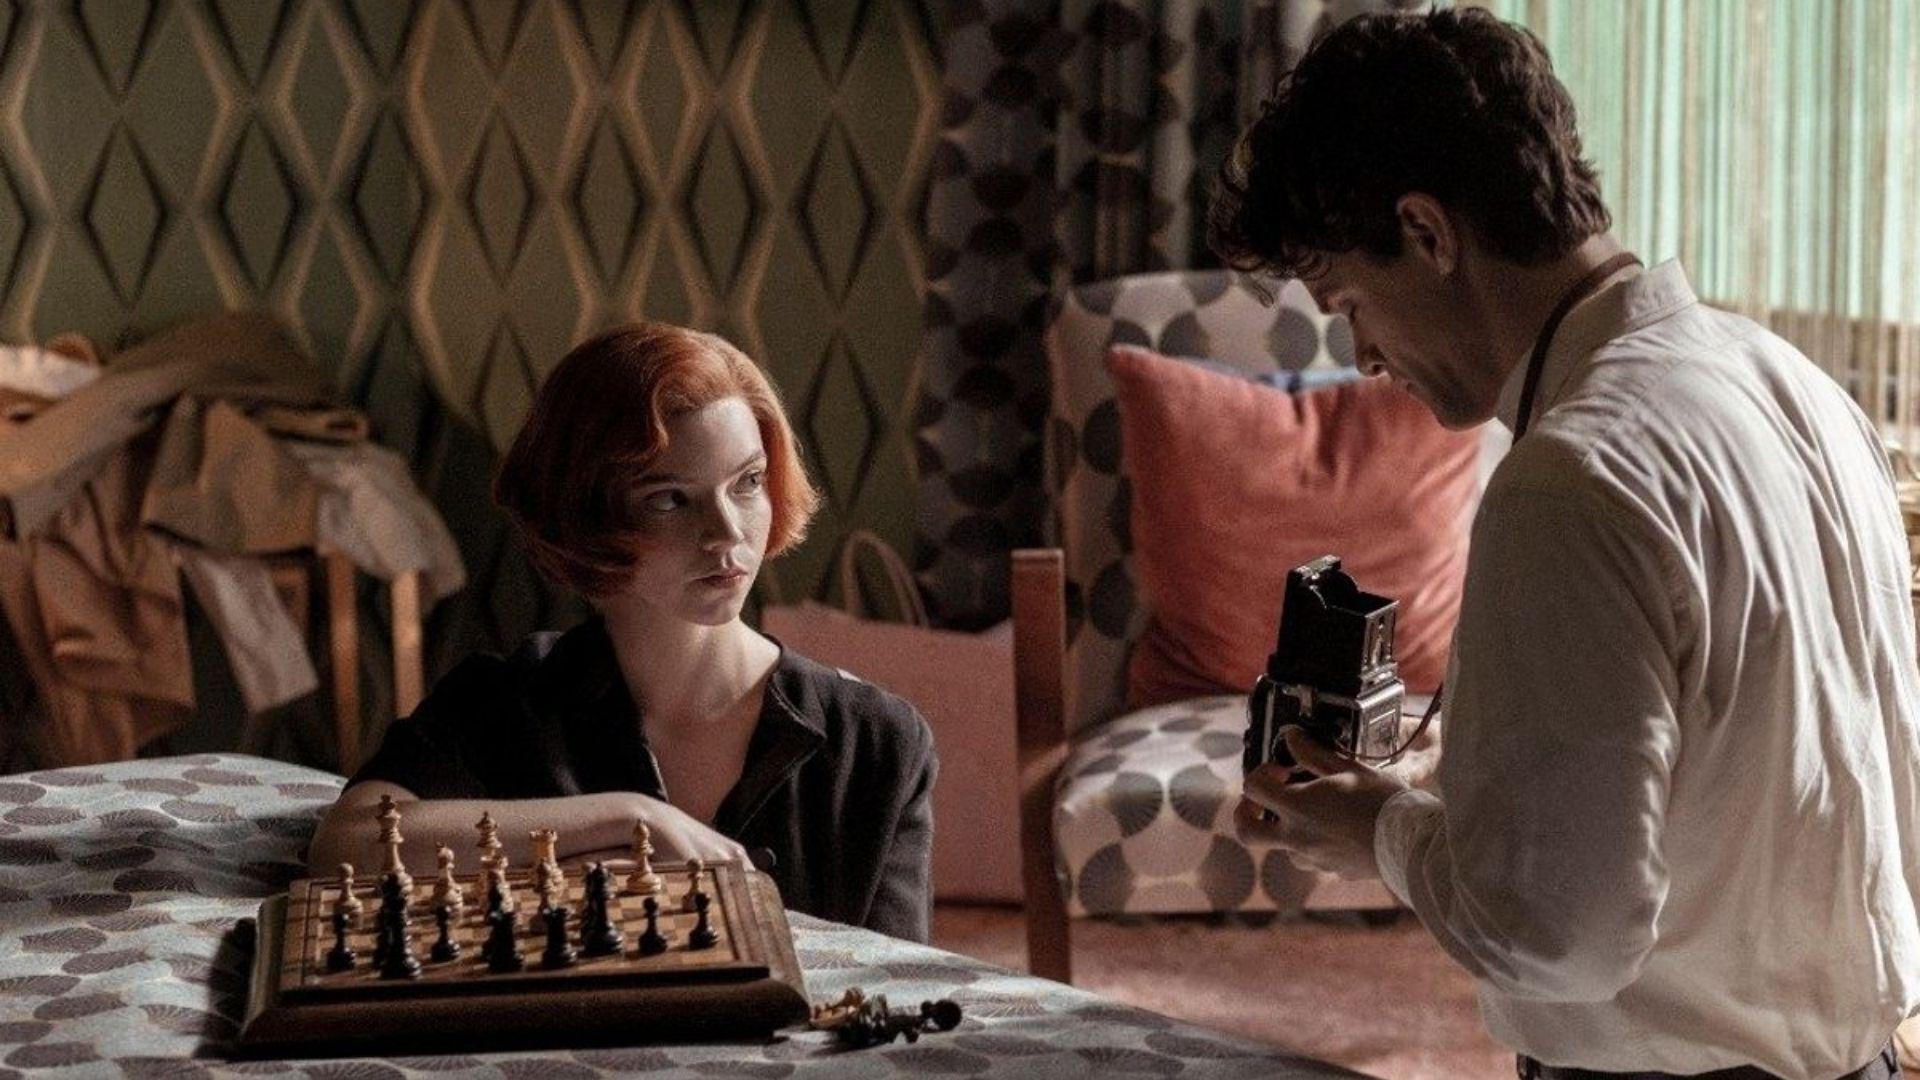 La regina degli scacchi e le contorte storie di Beth. La spiegazione del  rapporto con Townes e gli altri personaggi maschili